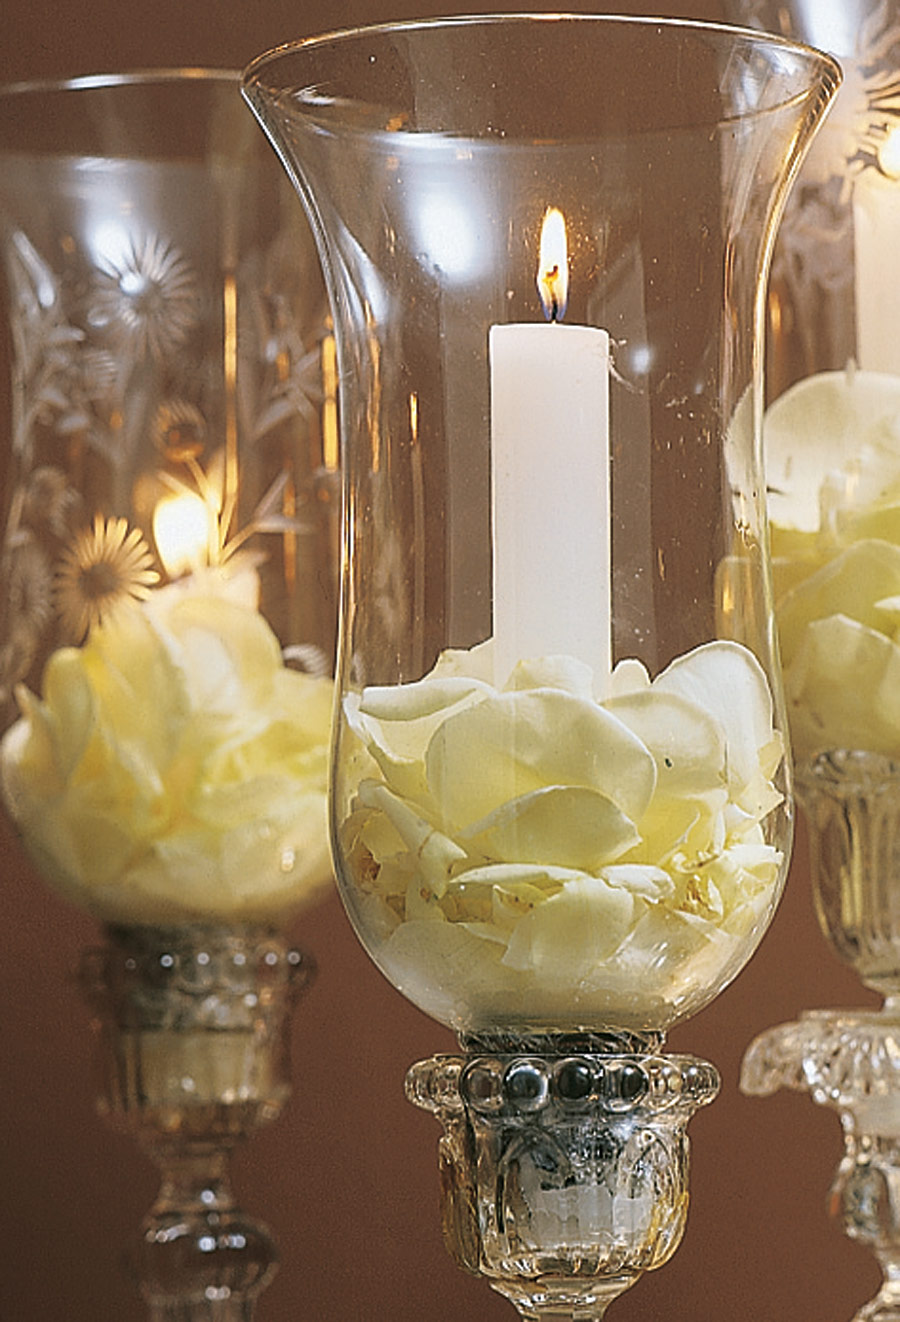 Filosofia de interiores decore com velas for Velas para decorar mesas